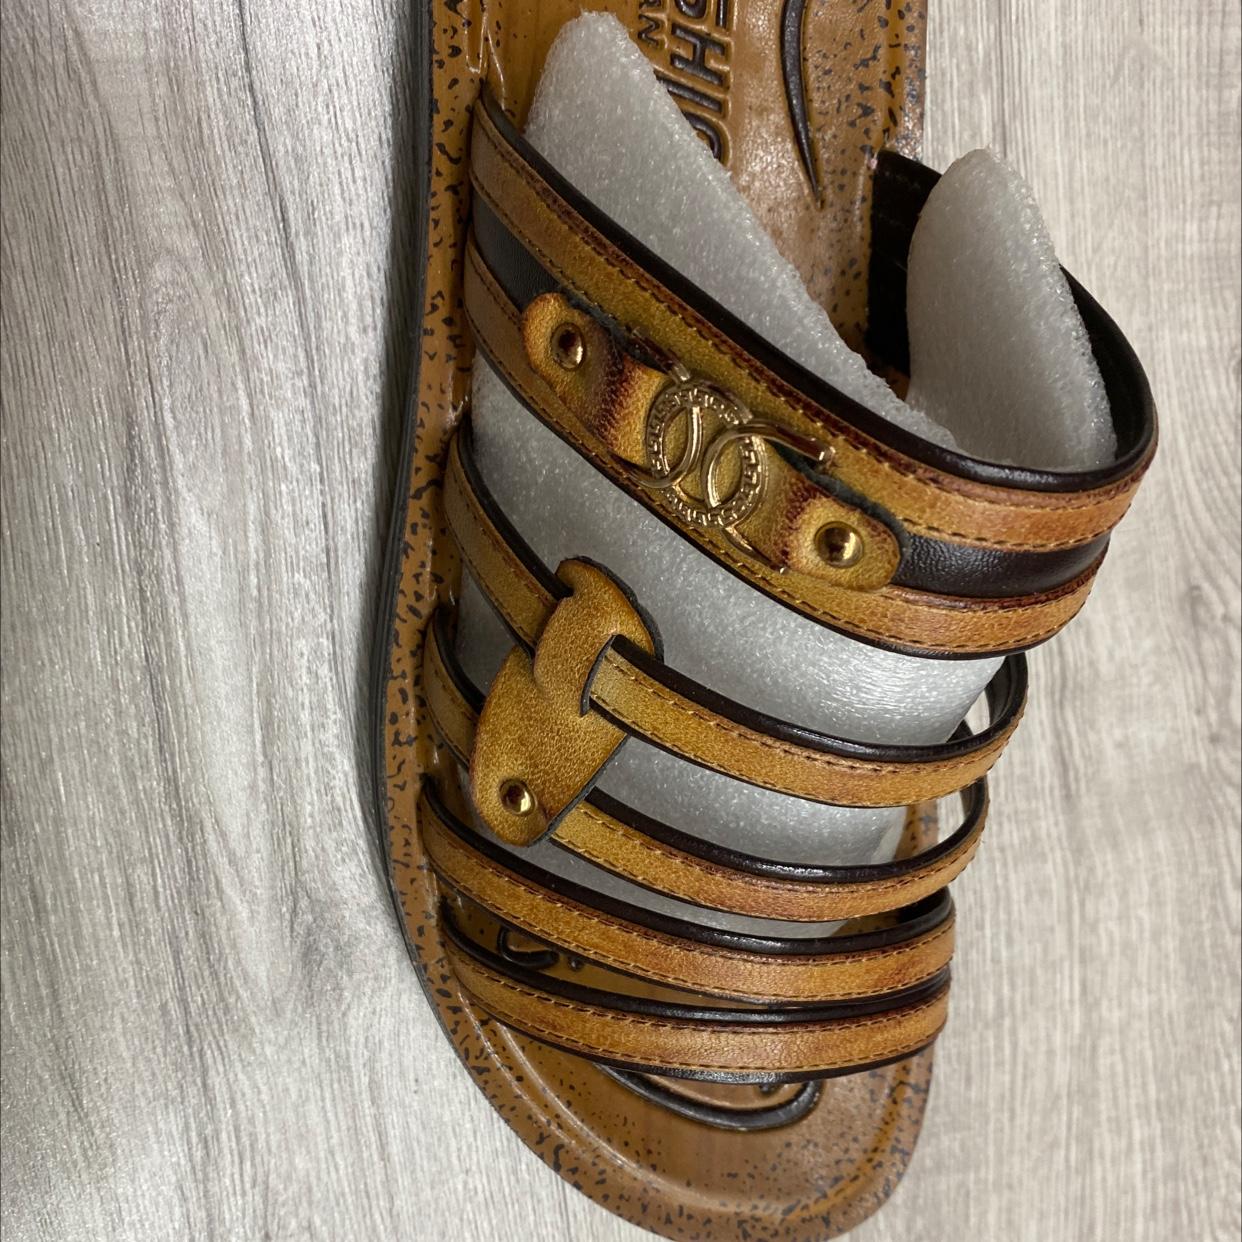 2021新款夏季男士凉鞋休闲沙滩鞋男外穿凉拖鞋男两用软底男式凉拖鞋34